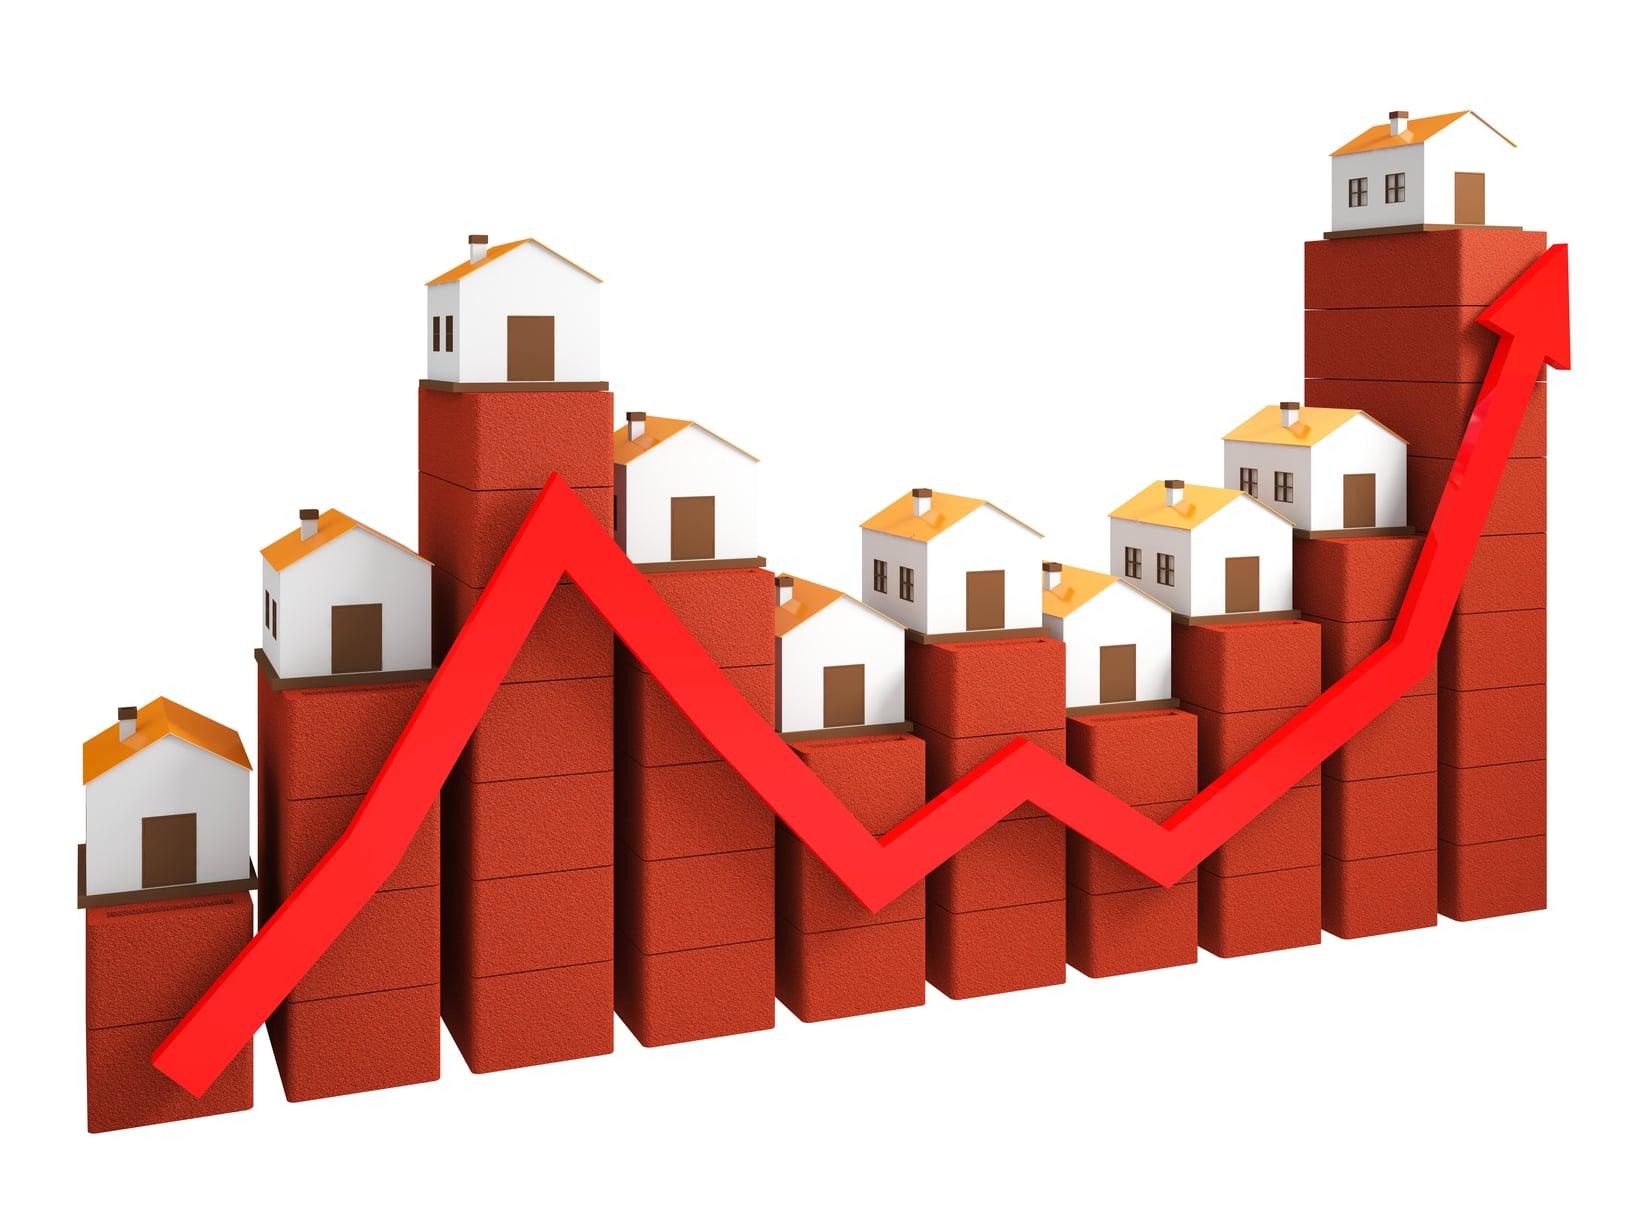 По итогам девяти месяцев 2016 г. стагнация на рынке жилья продолжается. Ожидаем возврат к объемам 2010-2012 гг.